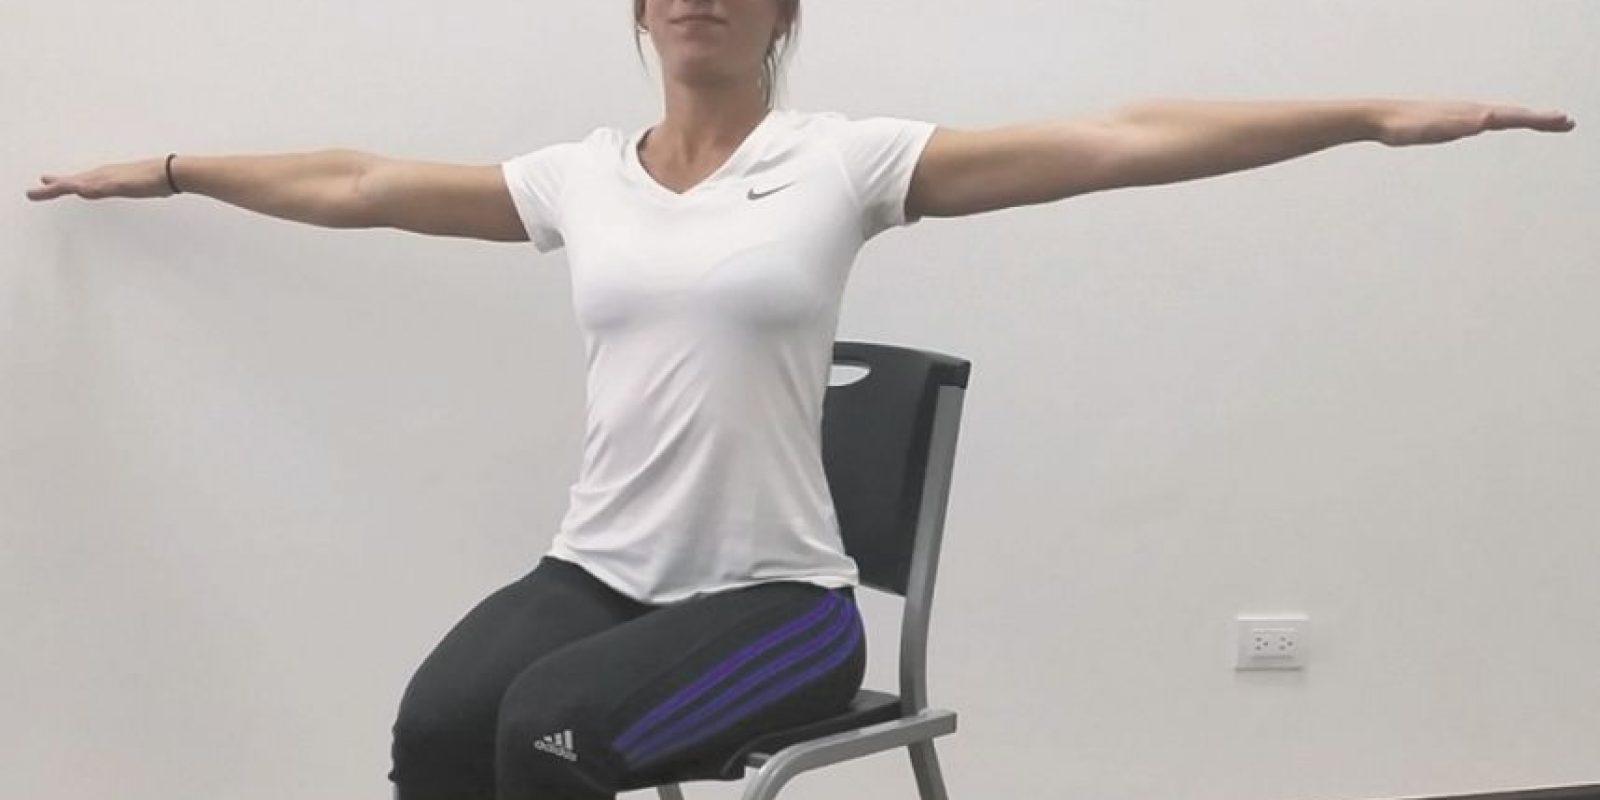 4- Hombros. Levantamos los brazos al nivel de los hombros y los movemos en círculos 20 veces. Cuando acabamos, los mantenemos arriba por 20 segundos y los movemos hacia el otro lado 20 veces más. Repetimos tres veces. Foto:Fuente Externa